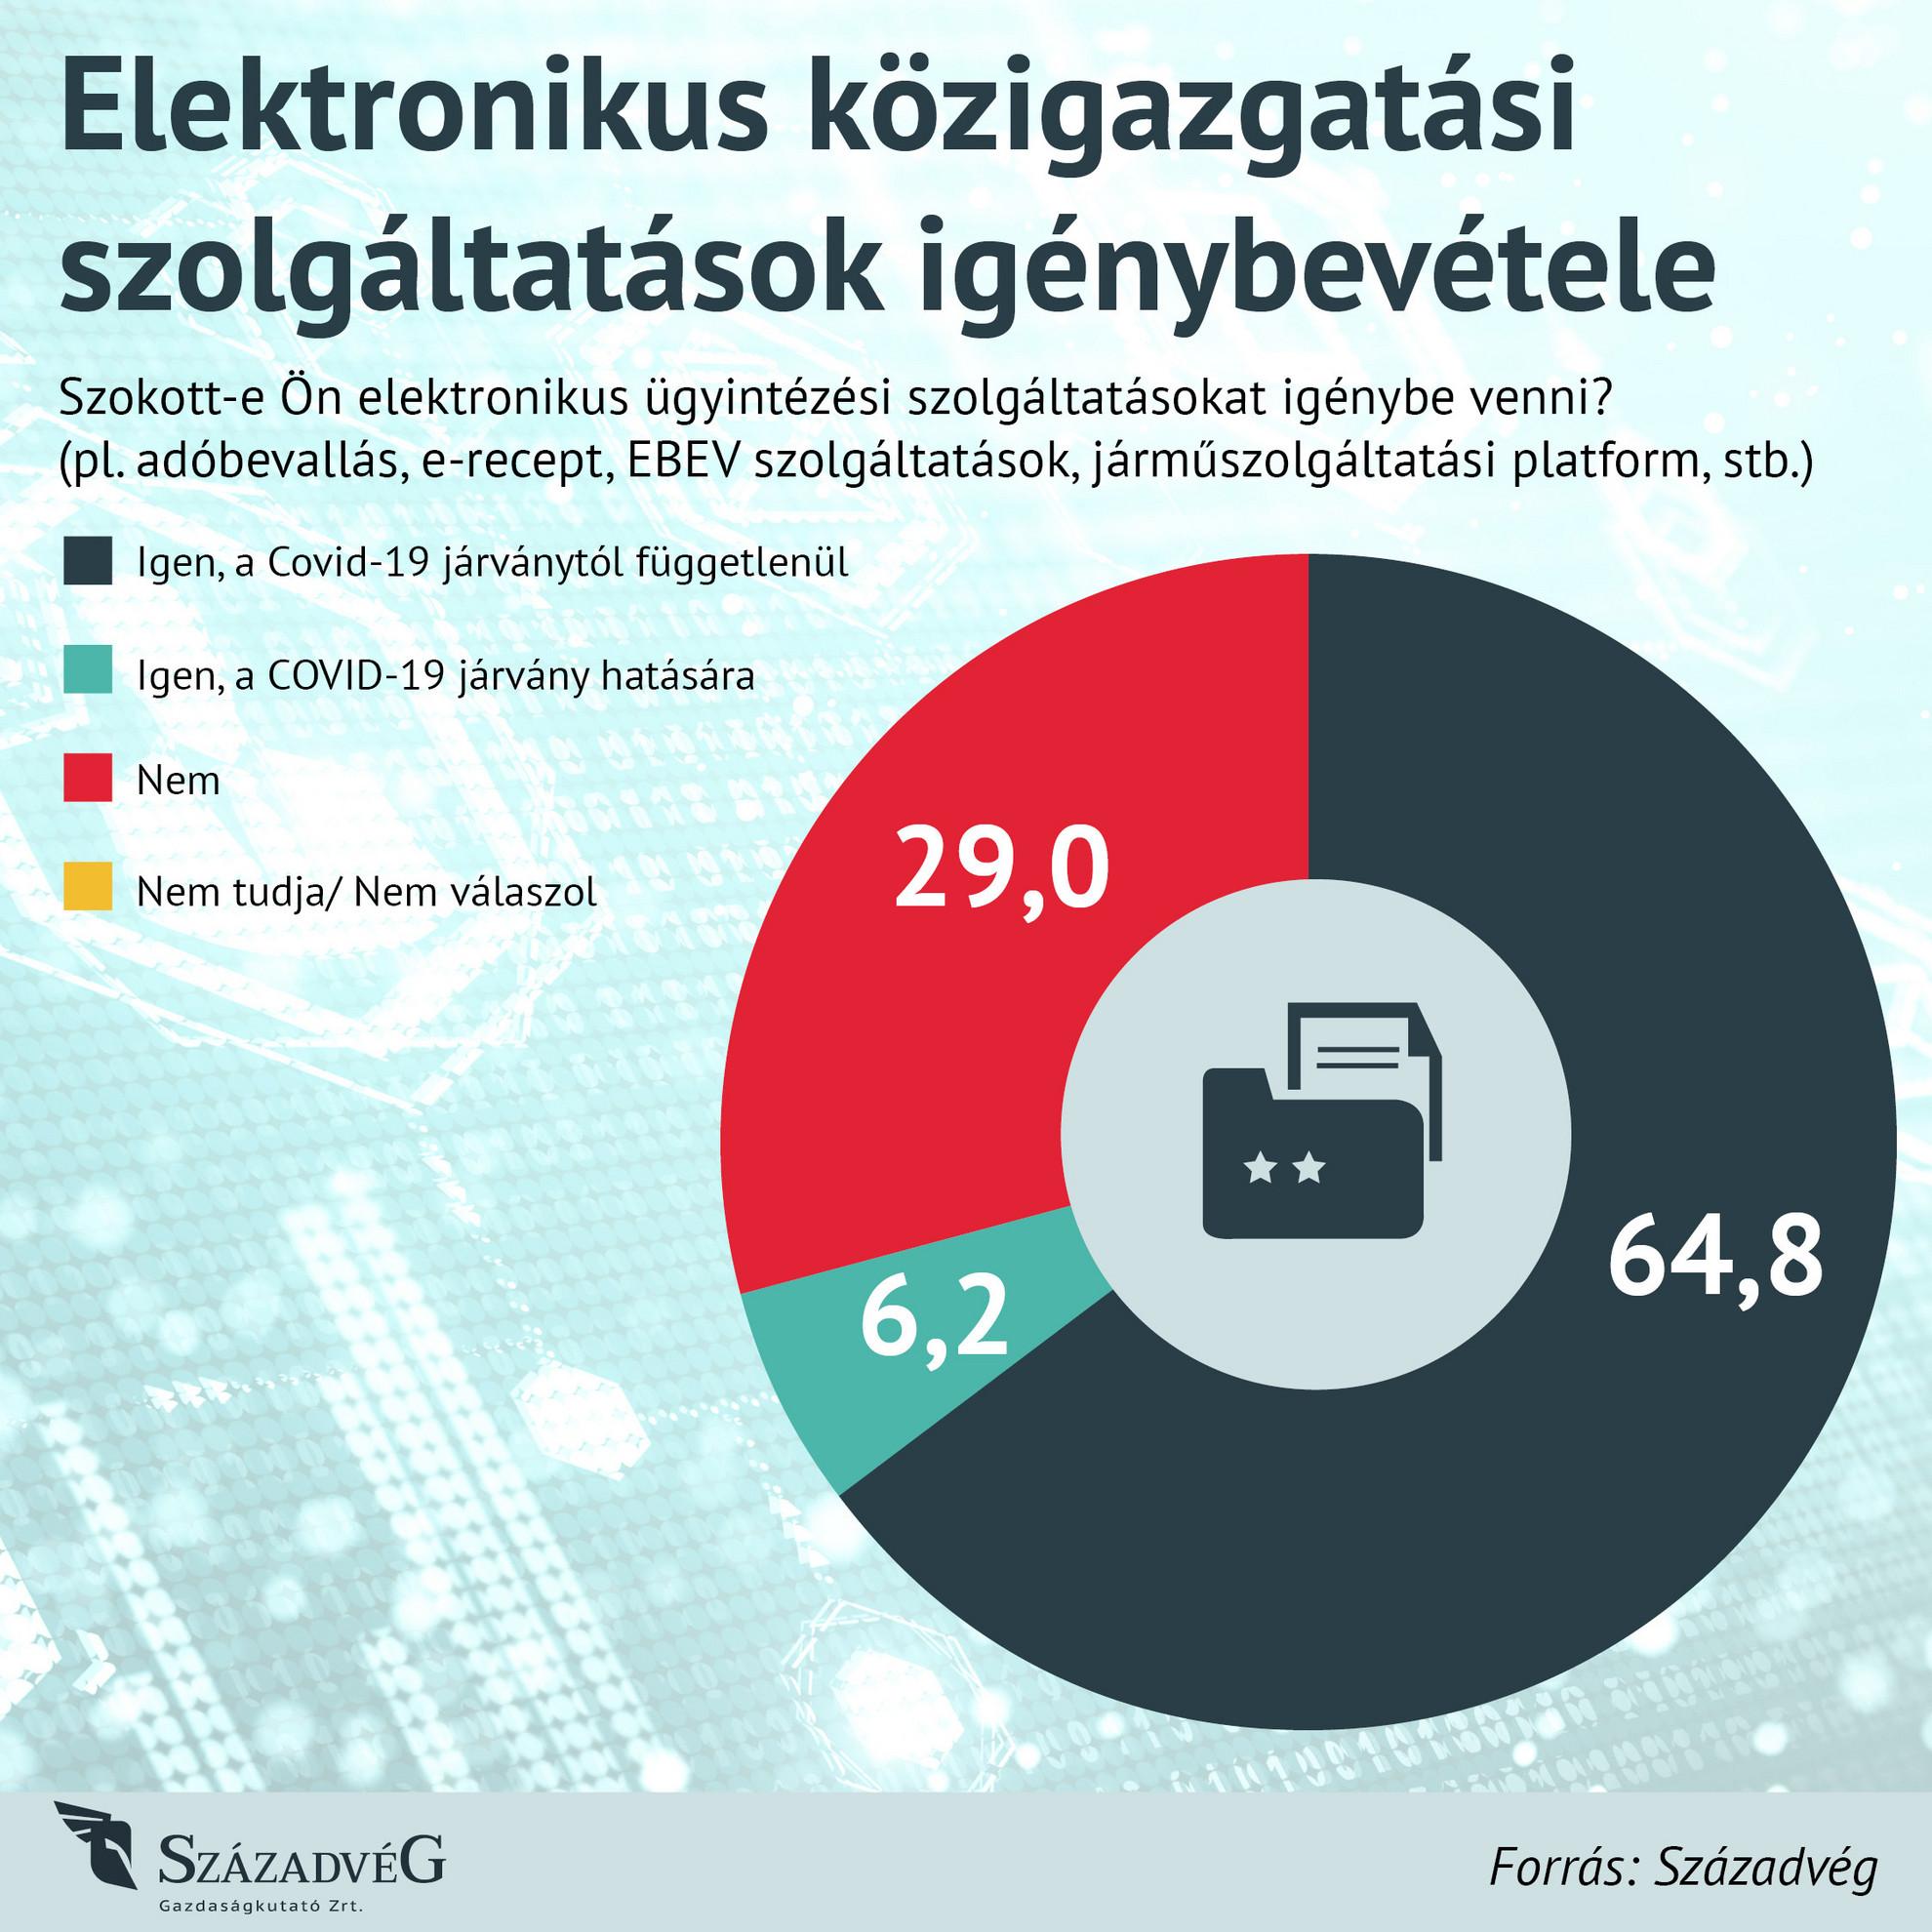 Elektronikus közigazgatási szolgáltatások igénybevétele